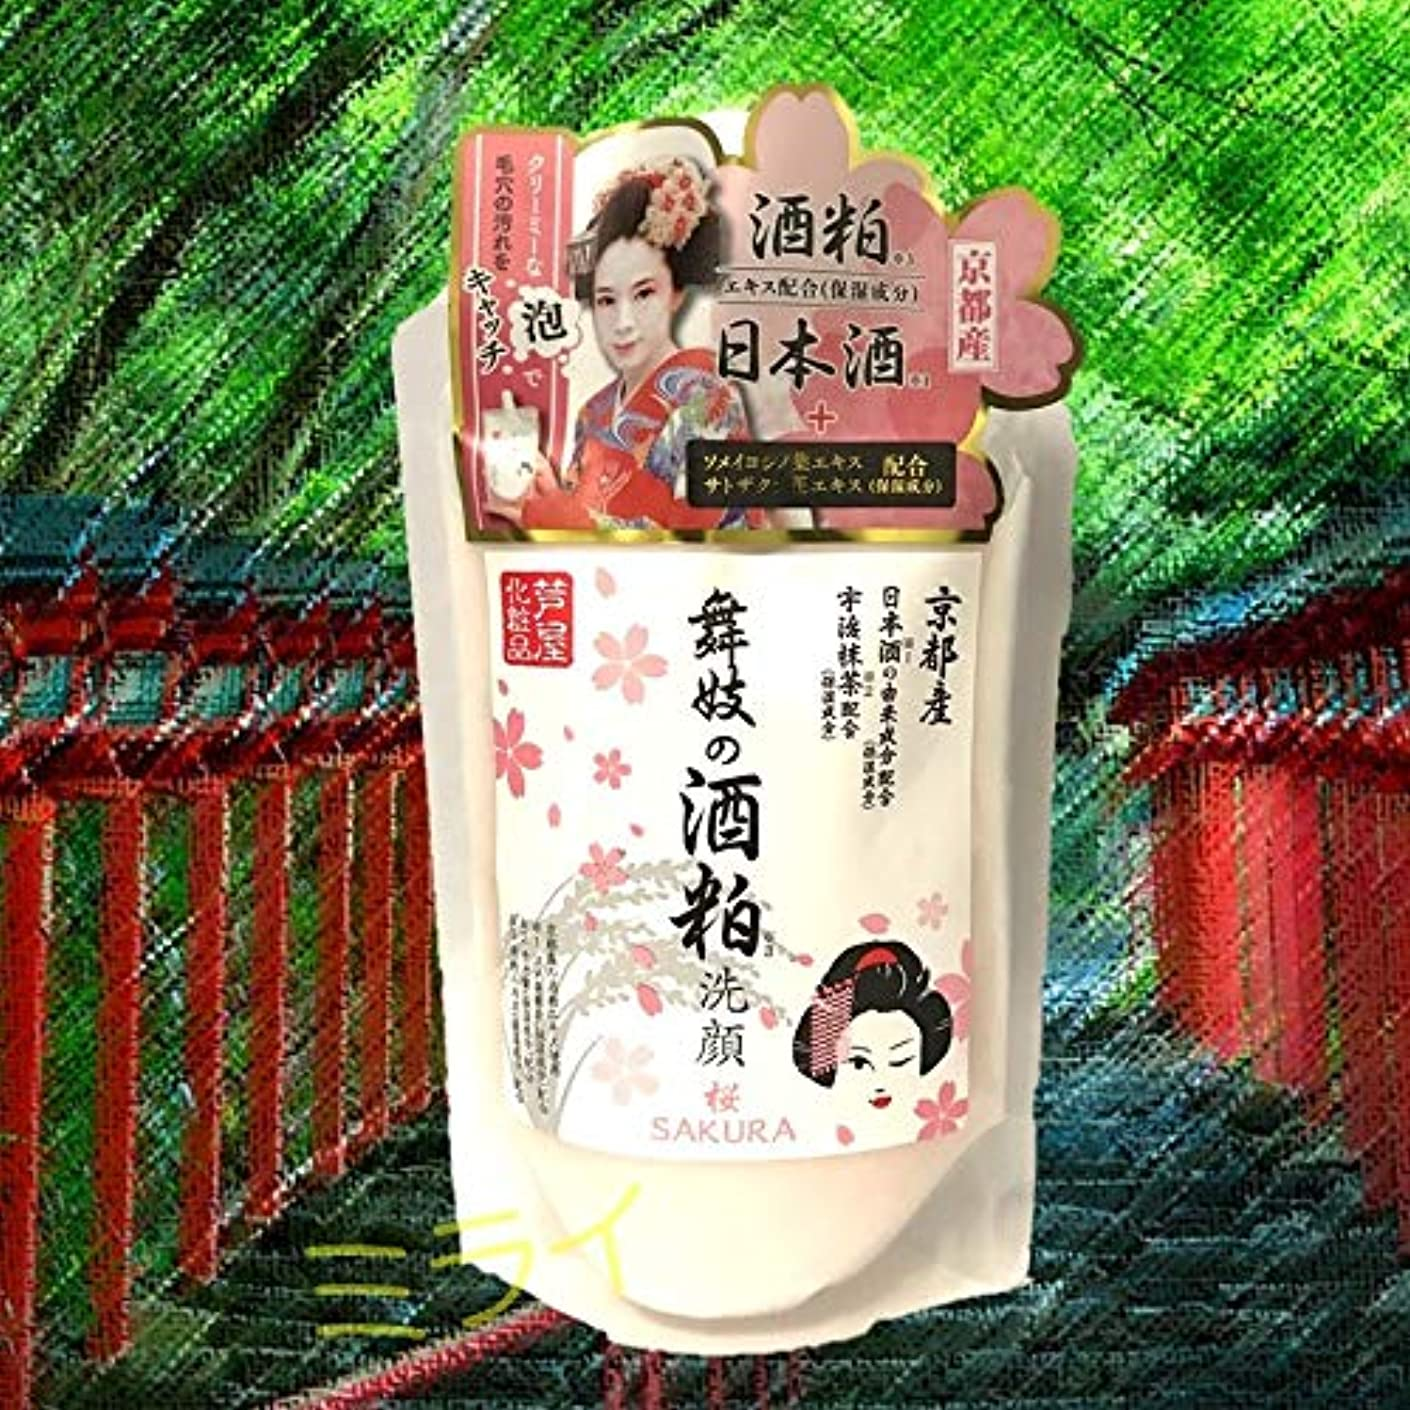 芦屋化粧品 舞妓の酒粕洗顔 桜 170g